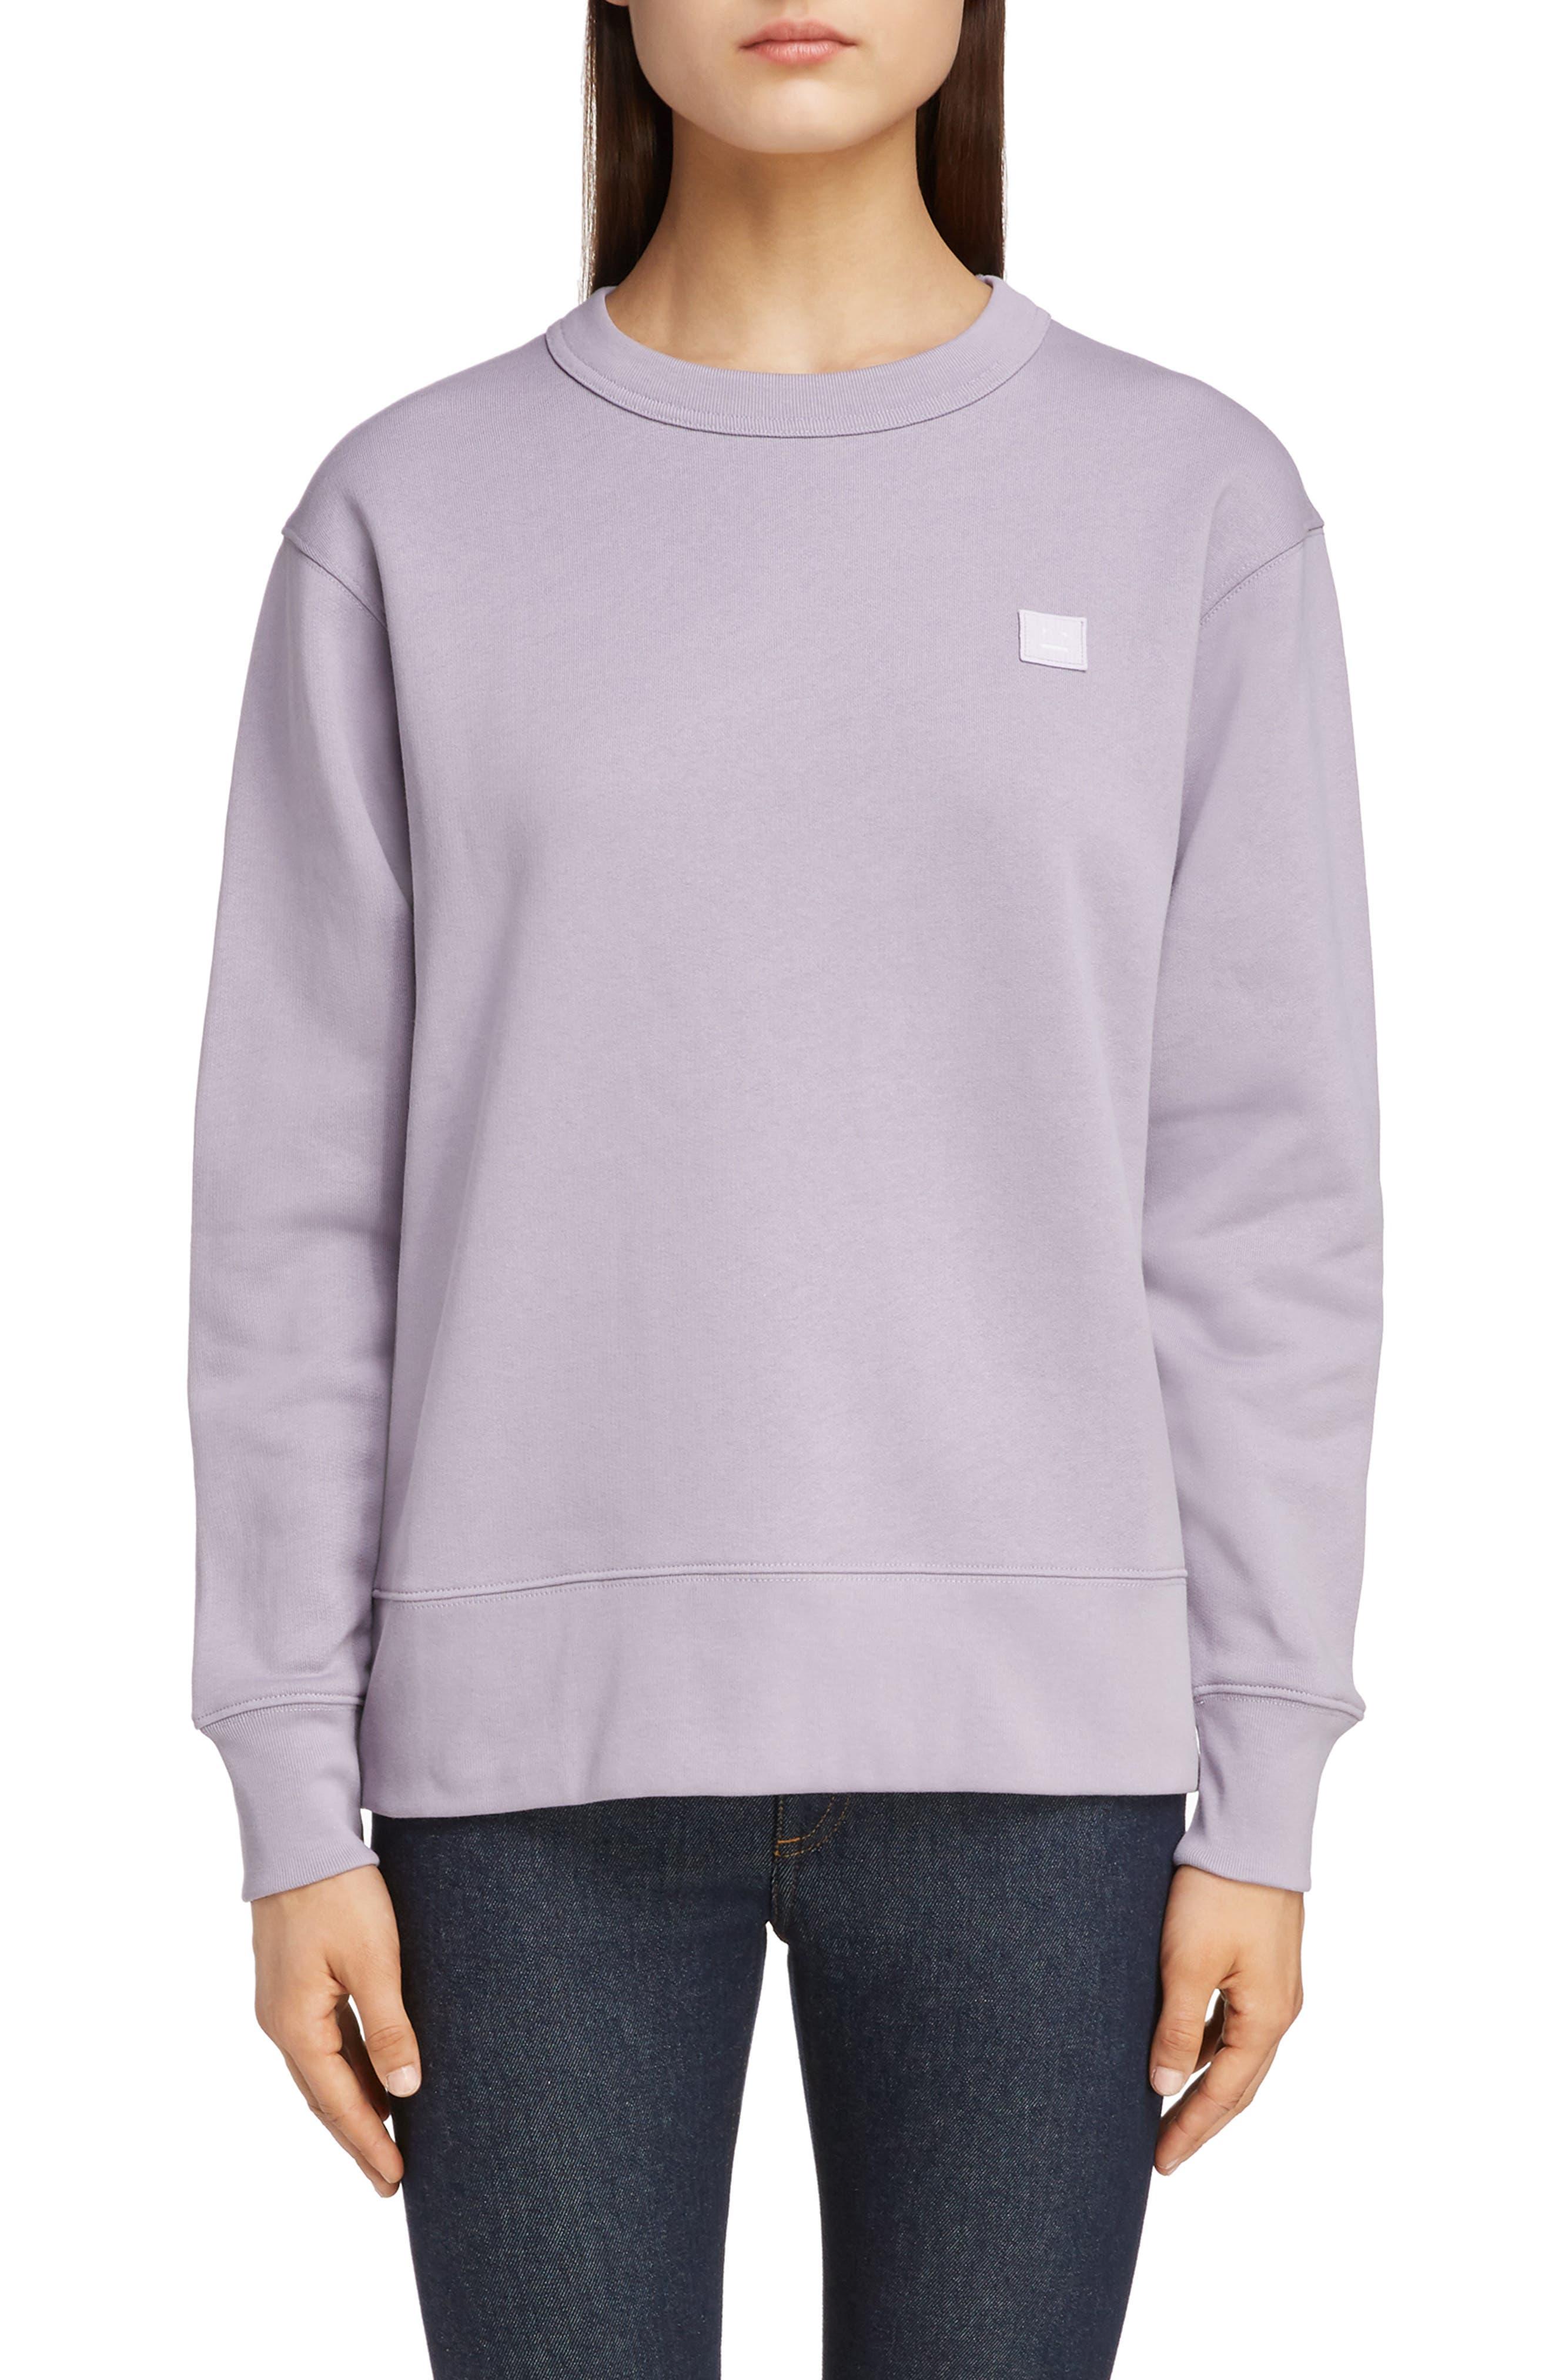 Fairview Face Sweatshirt, Main, color, MAUVE PURPLE